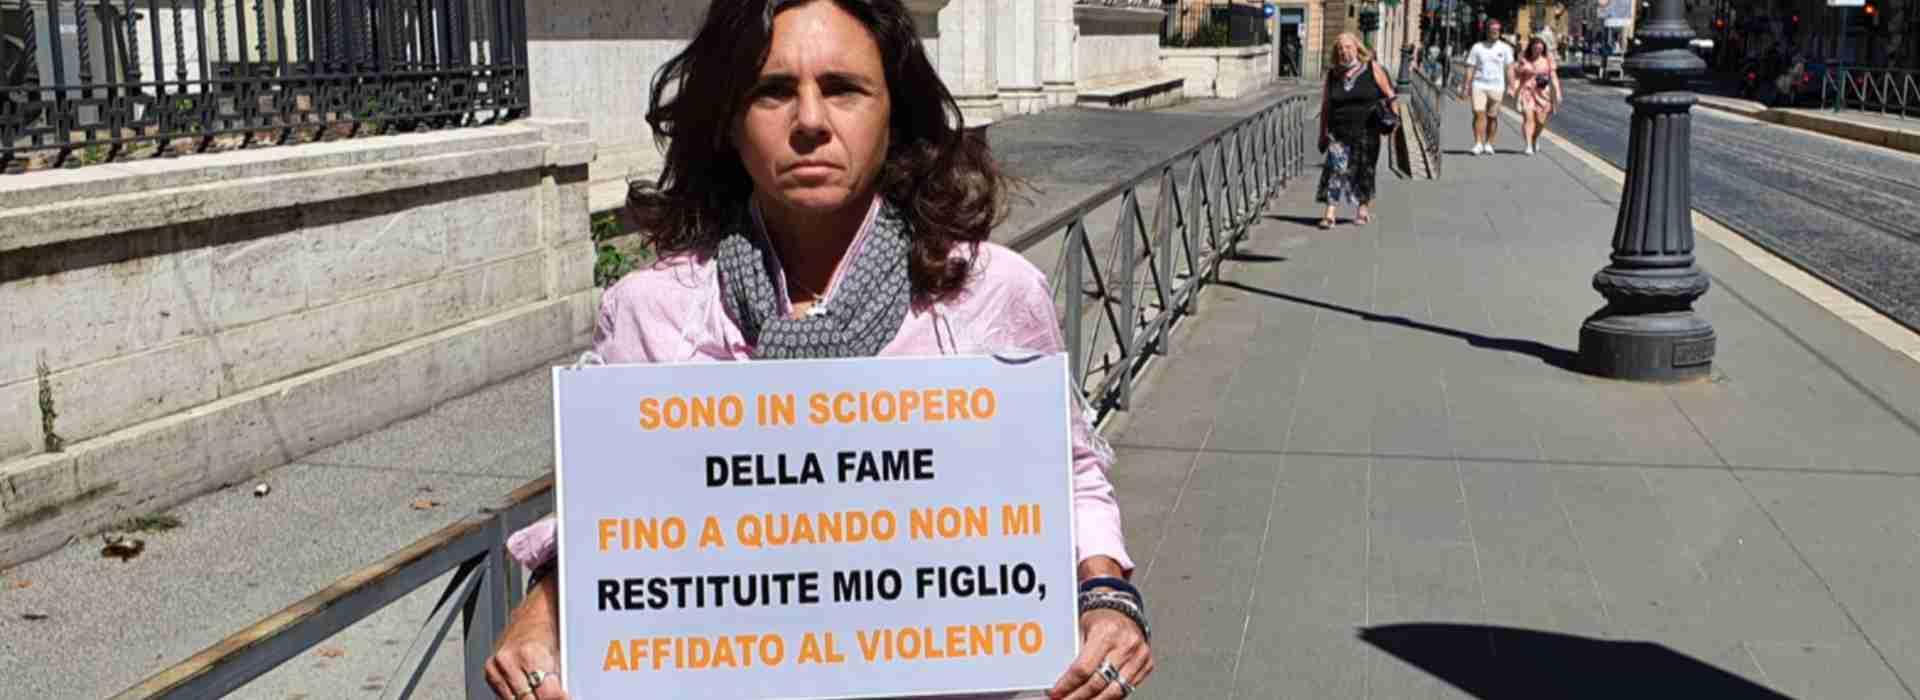 Vicenda Giada Giunti: la Commissione femminicidio approfondisce il caso